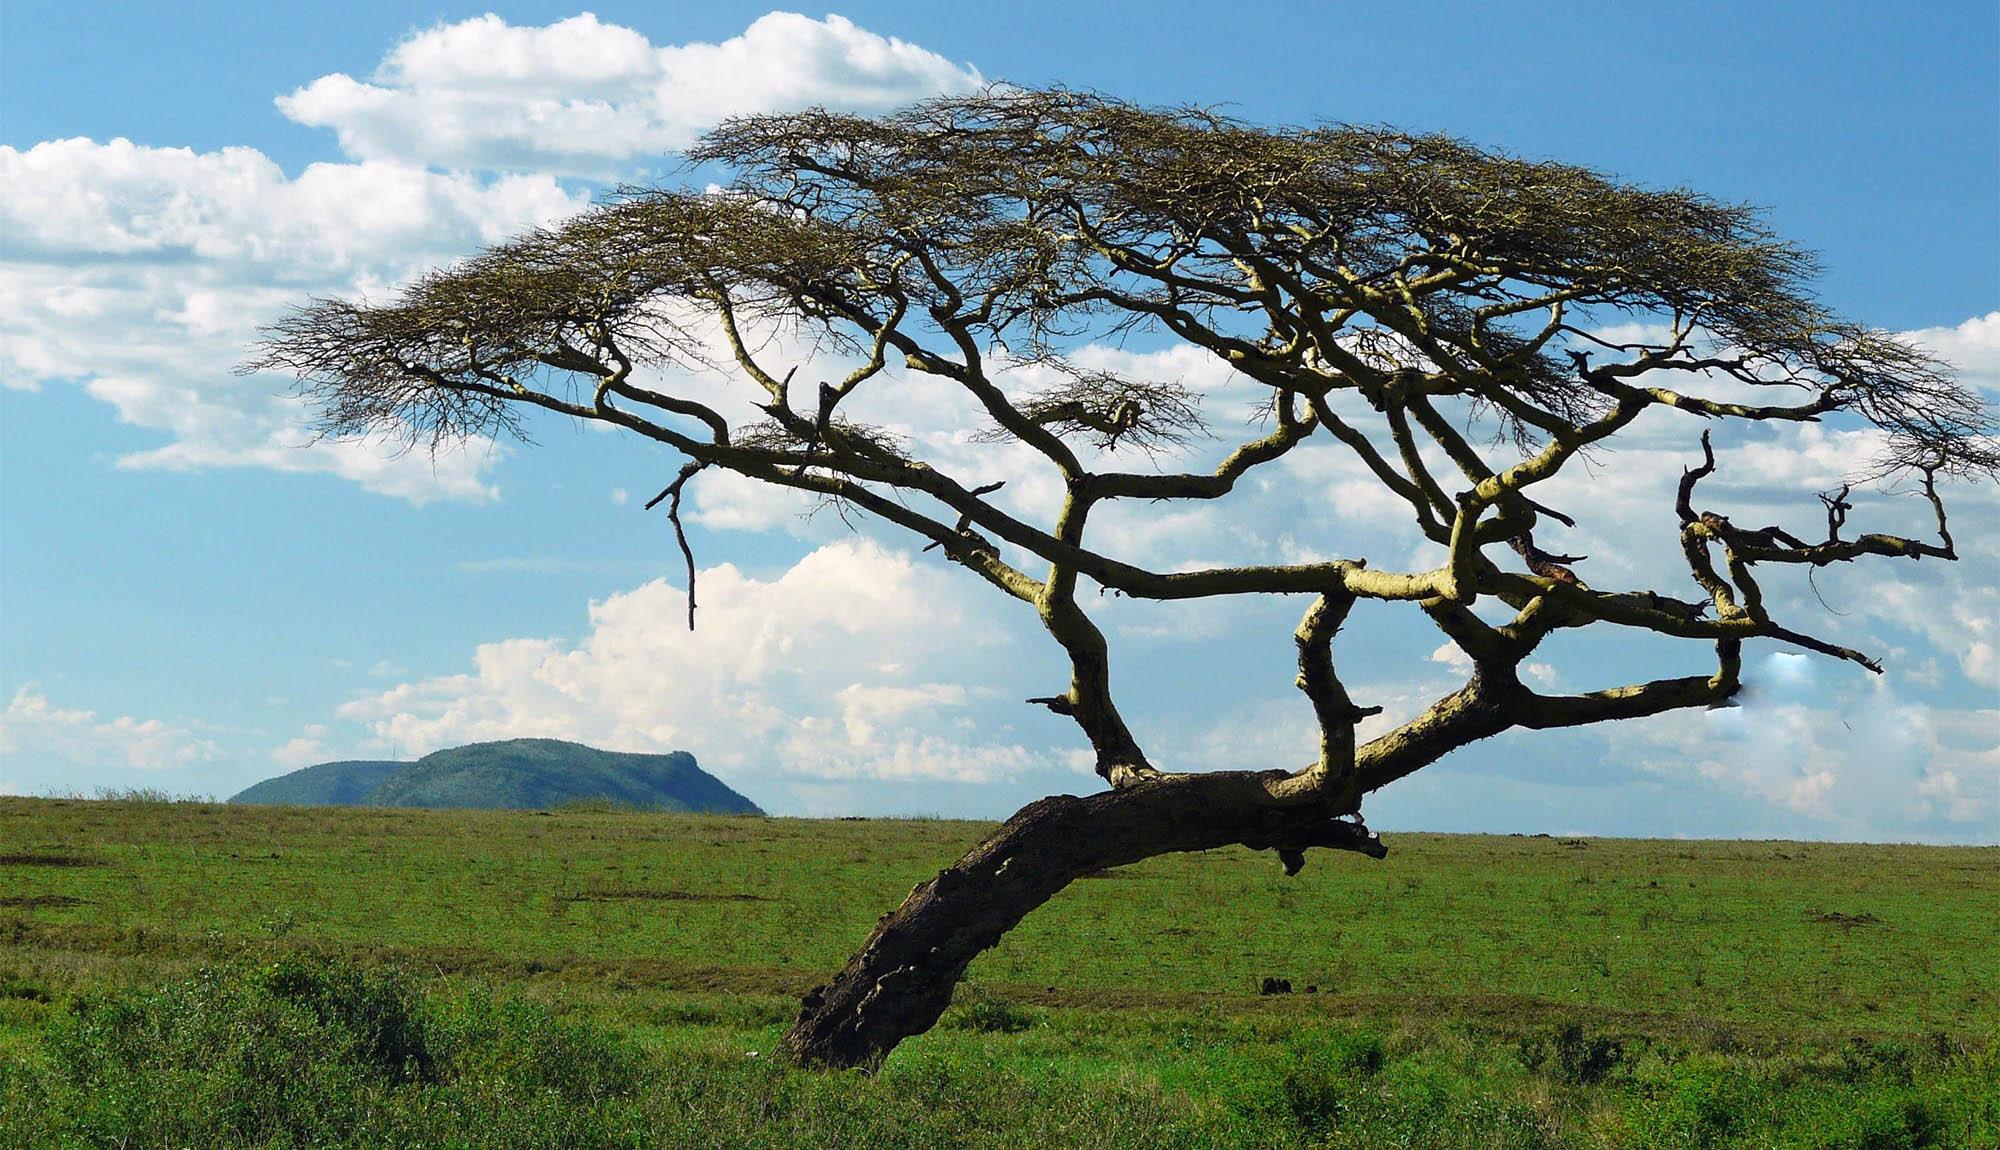 wild acacia tree in nature Australia